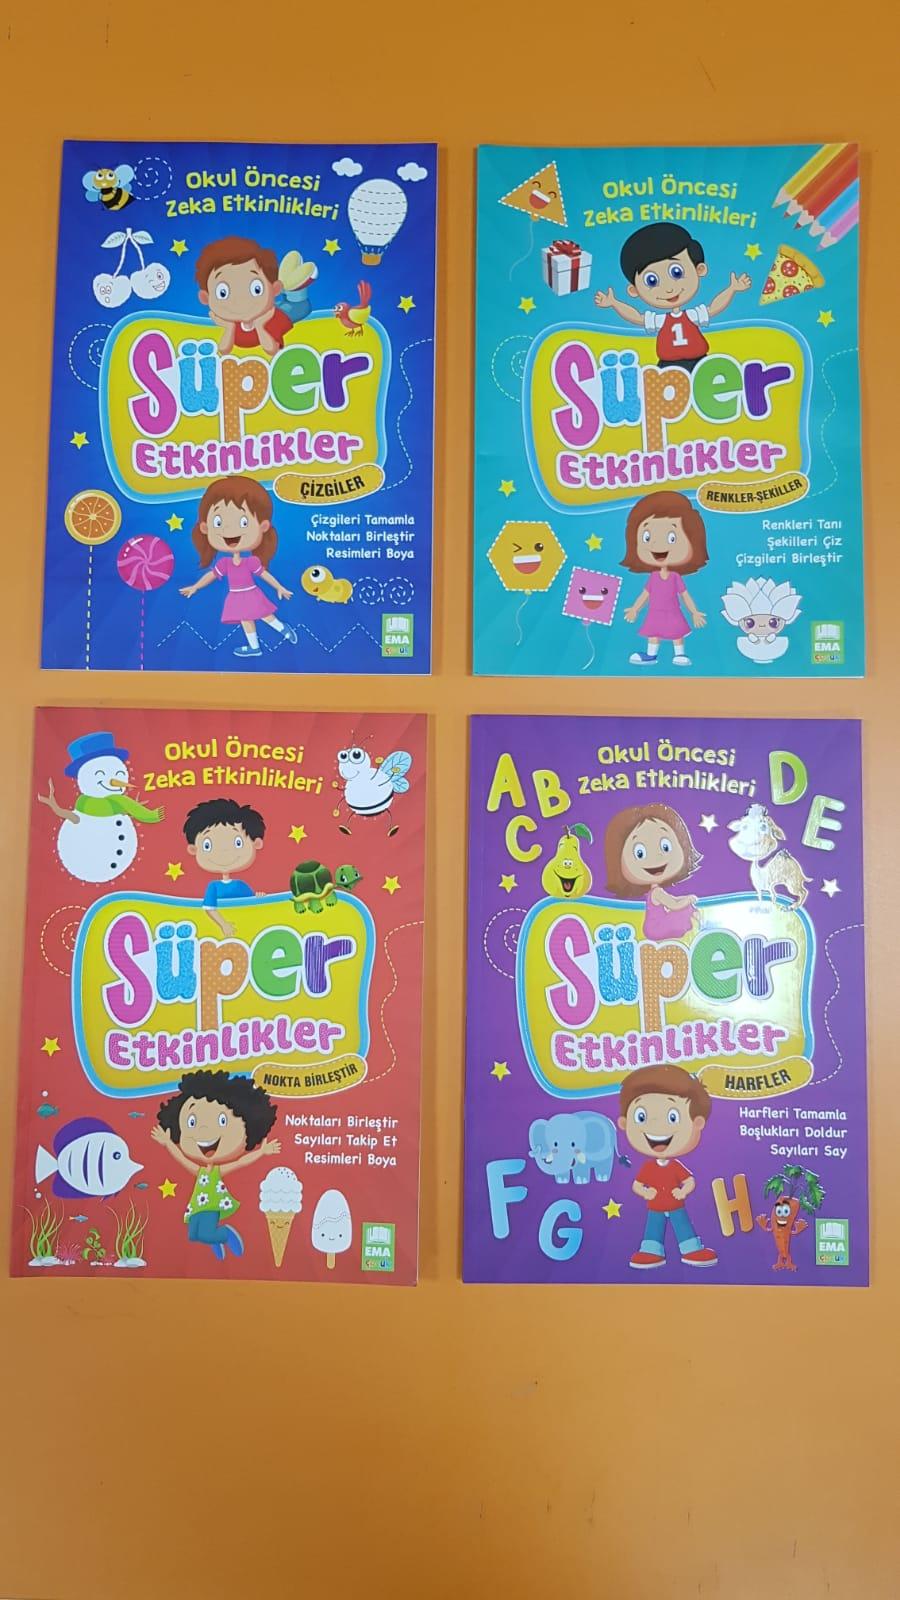 Okul Oncesi Zeka Etkinlikleri Super Etkinlikler Seti 4 Kitap N11 Com